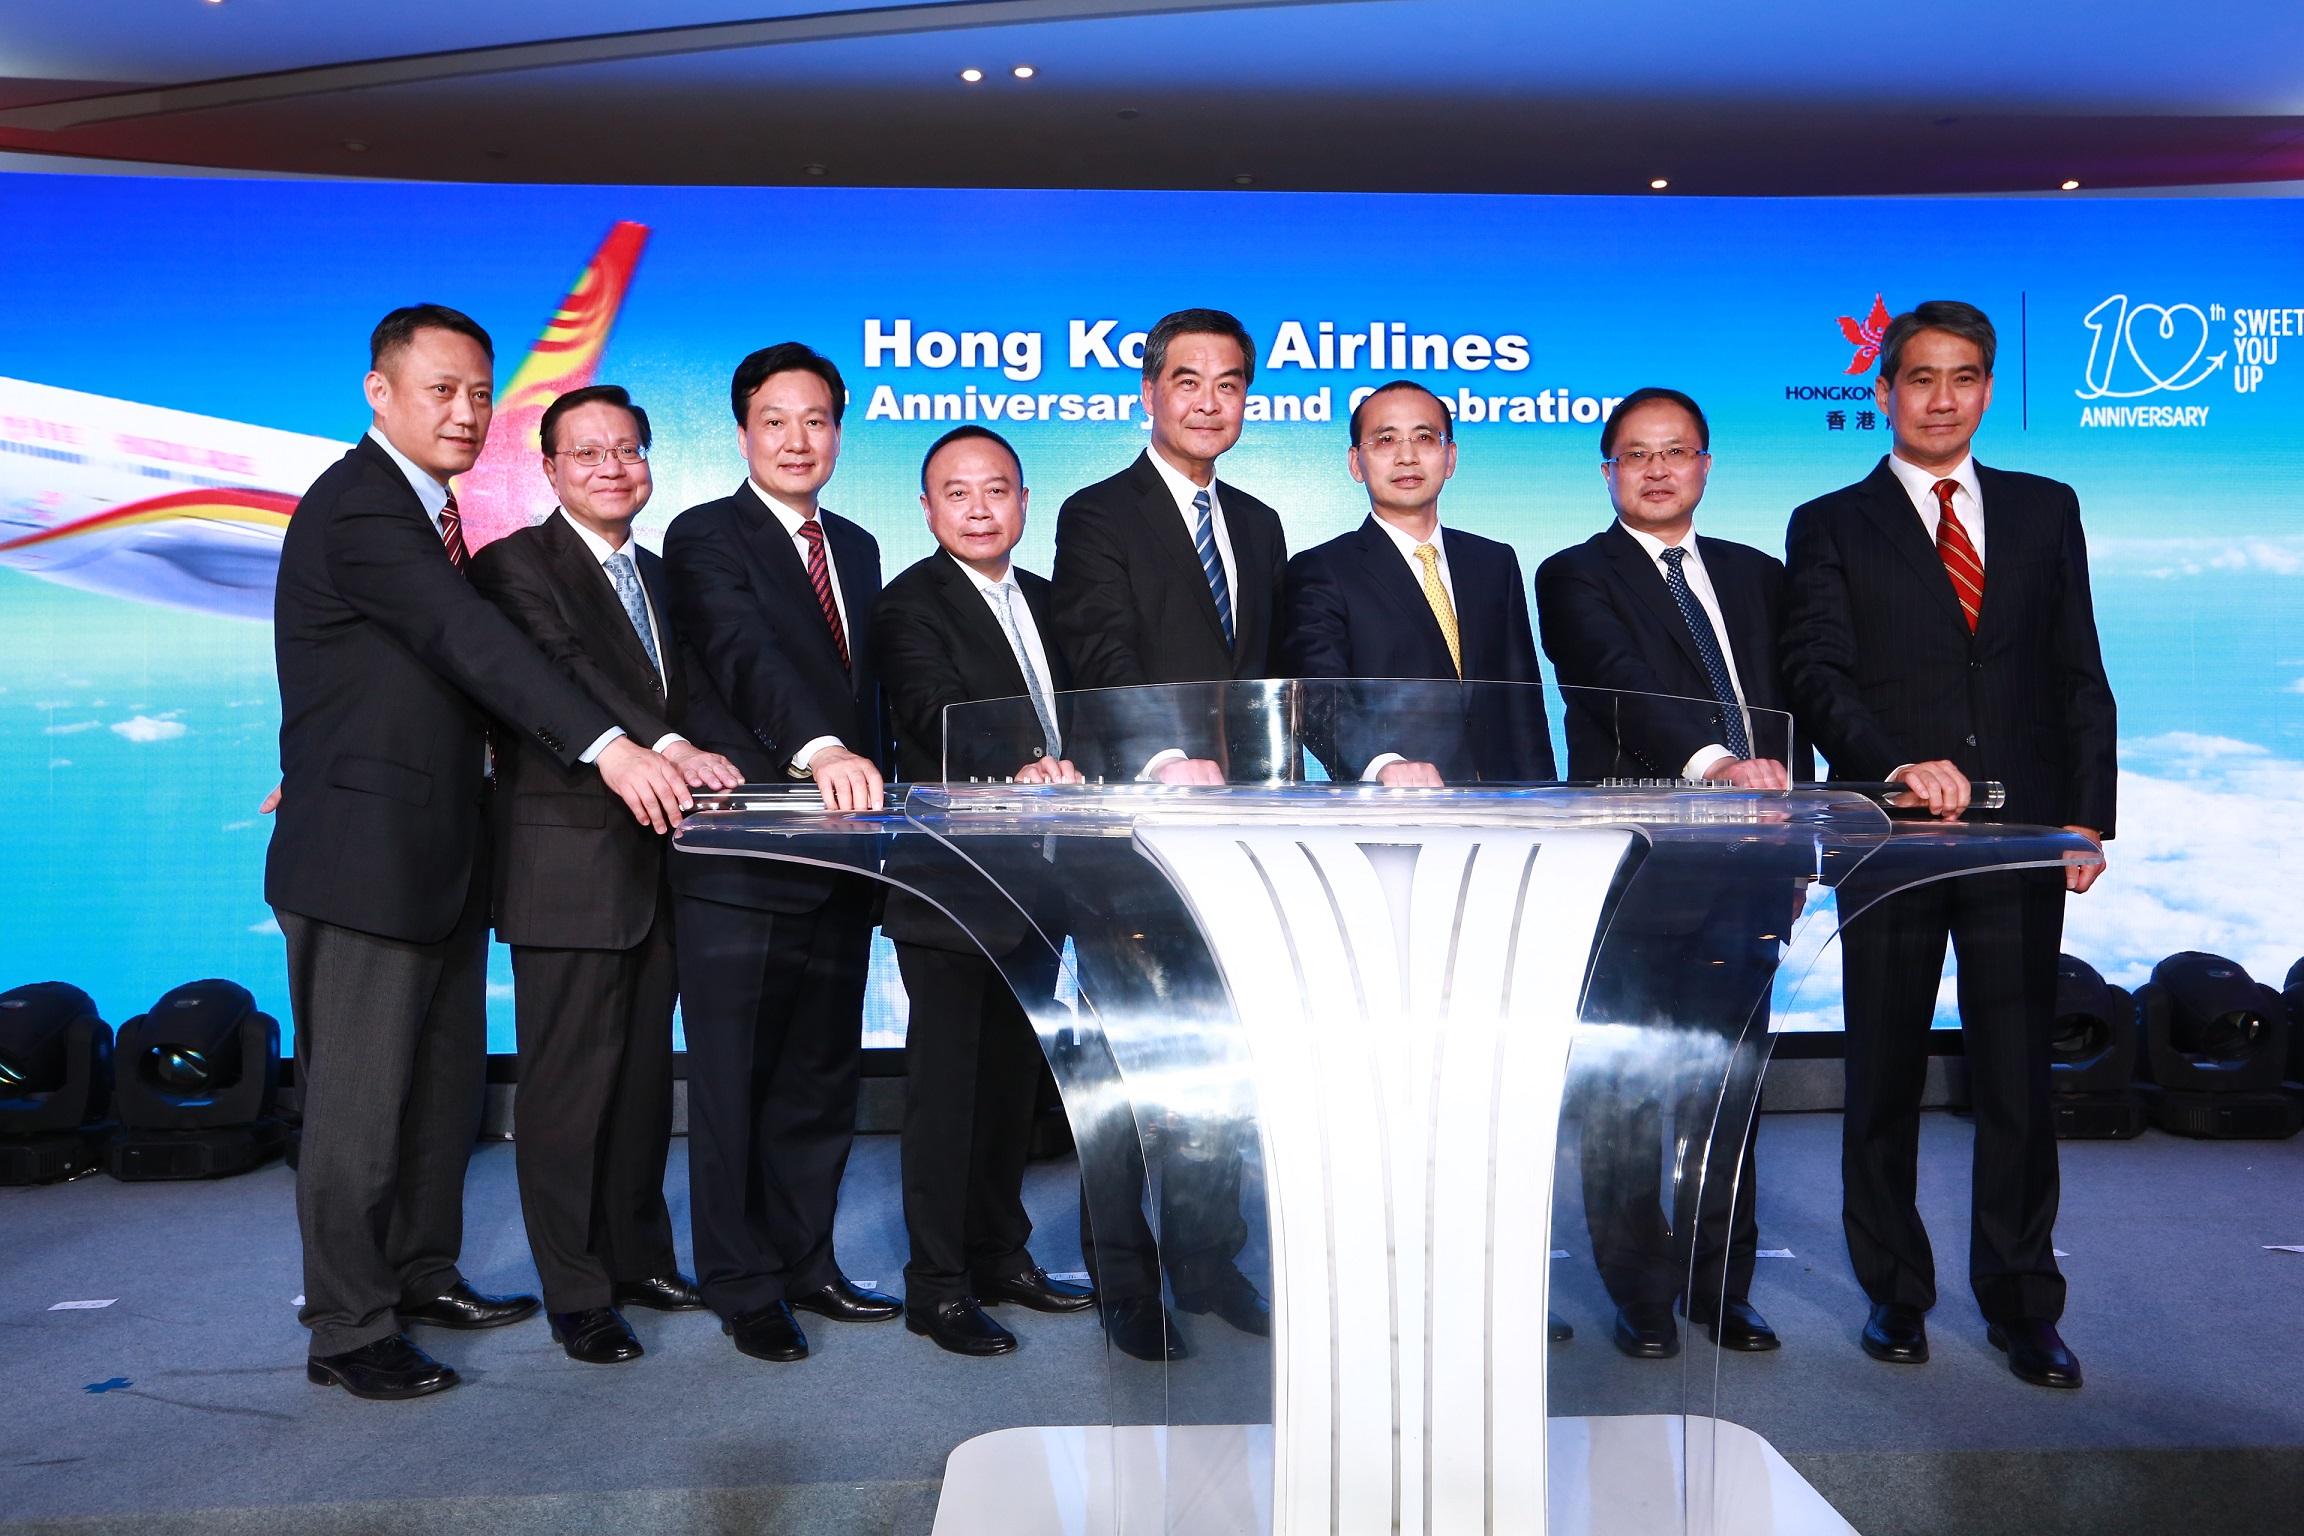 hong_kong_airlines_10th_anniversary